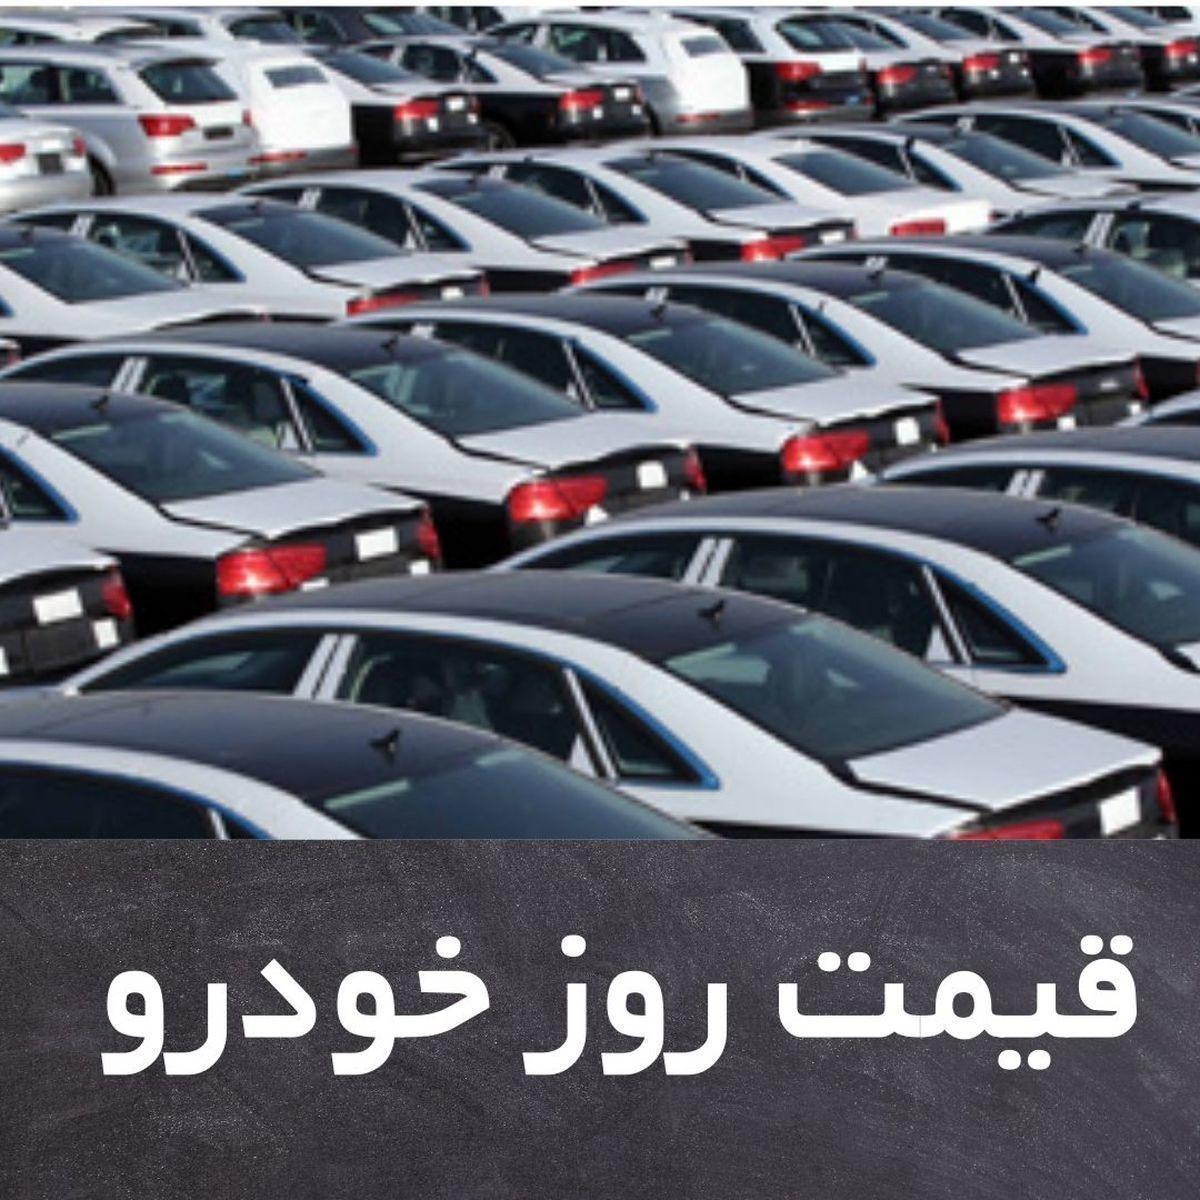 قیمت روز خودرو سه شنبه 21 اردیبهشت + جدول